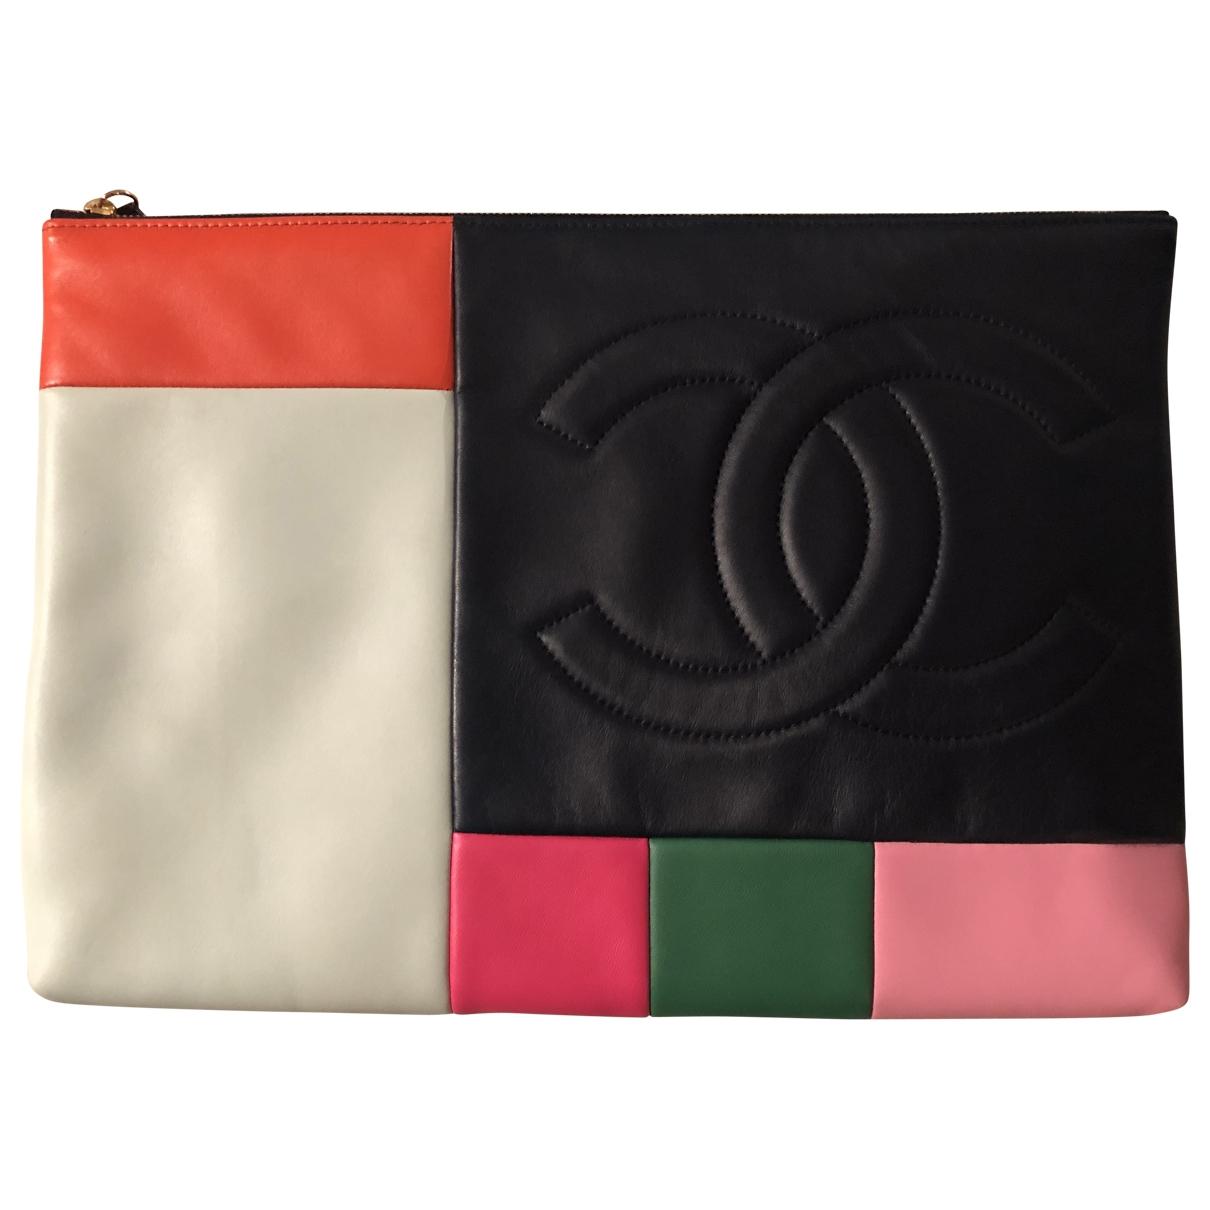 Chanel - Pochette   pour femme en cuir - multicolore